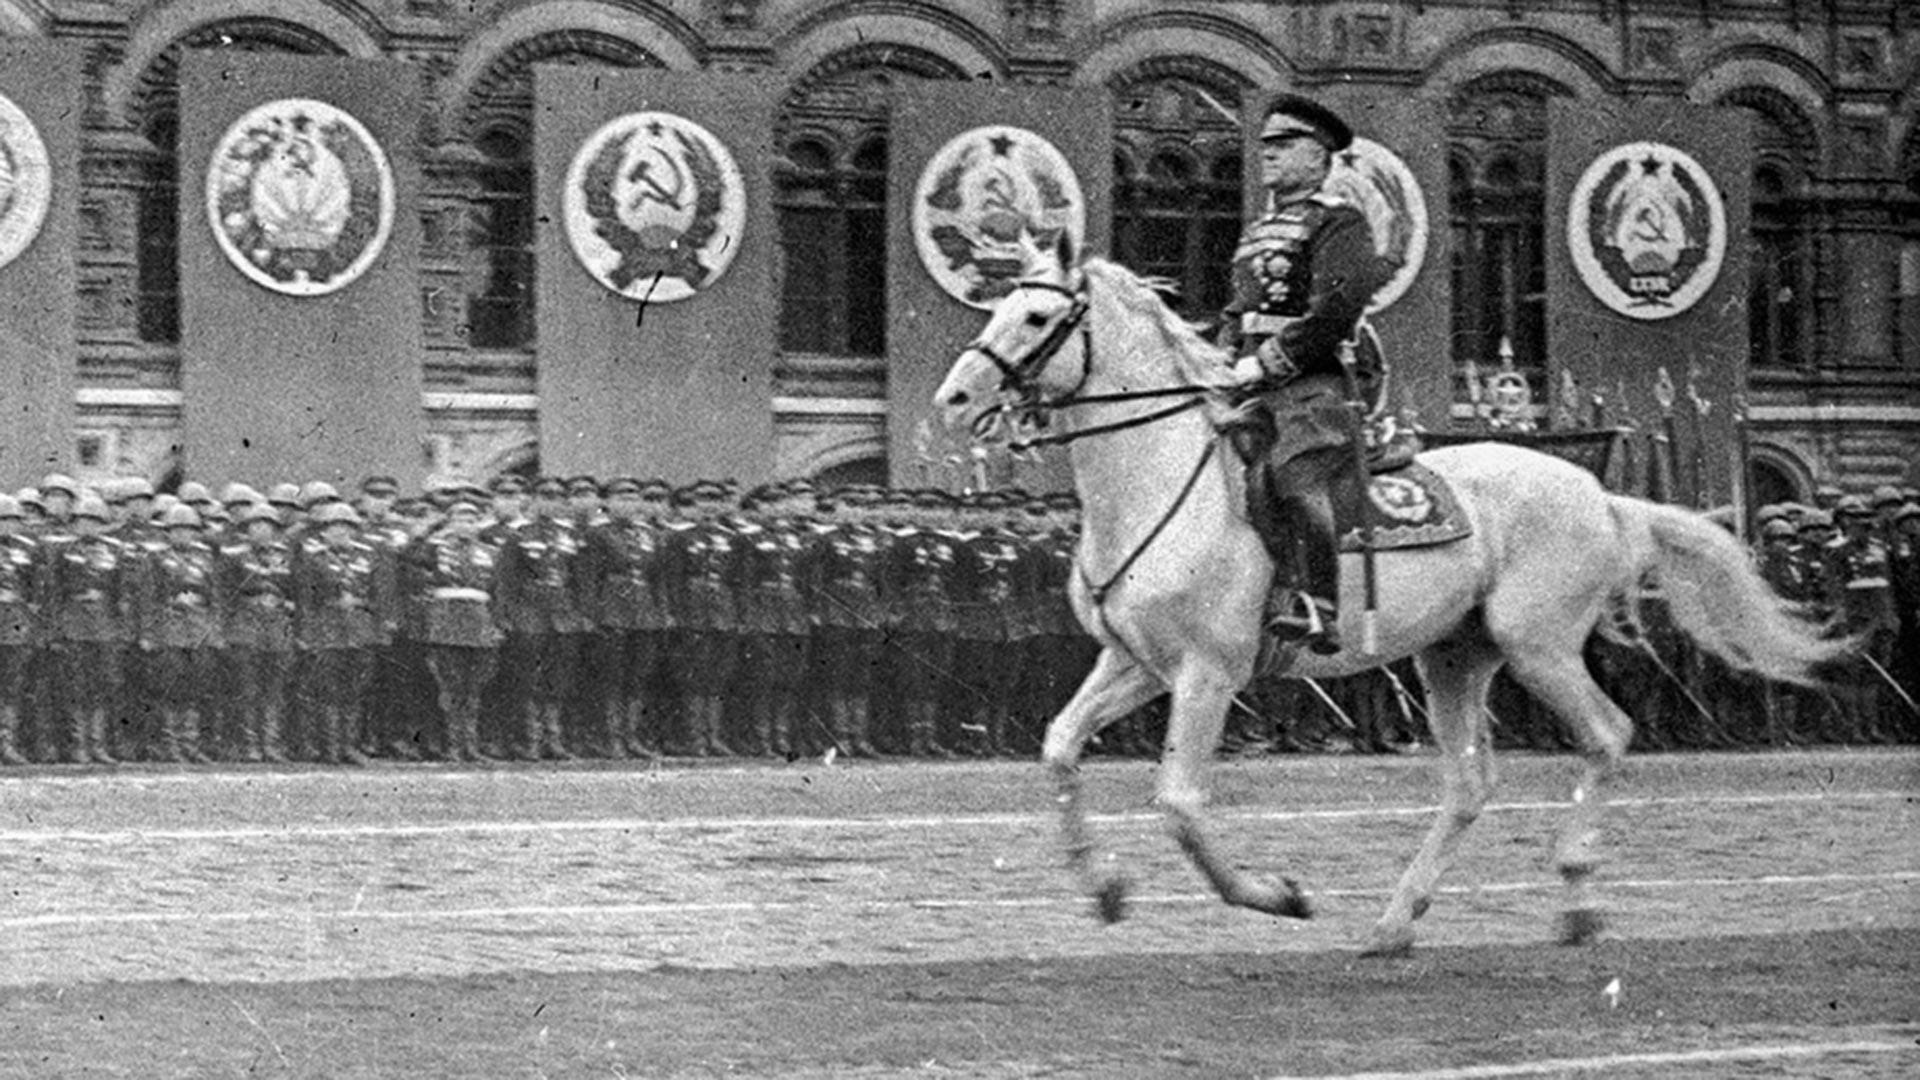 ジューコフ元帥が戦勝パレードにて